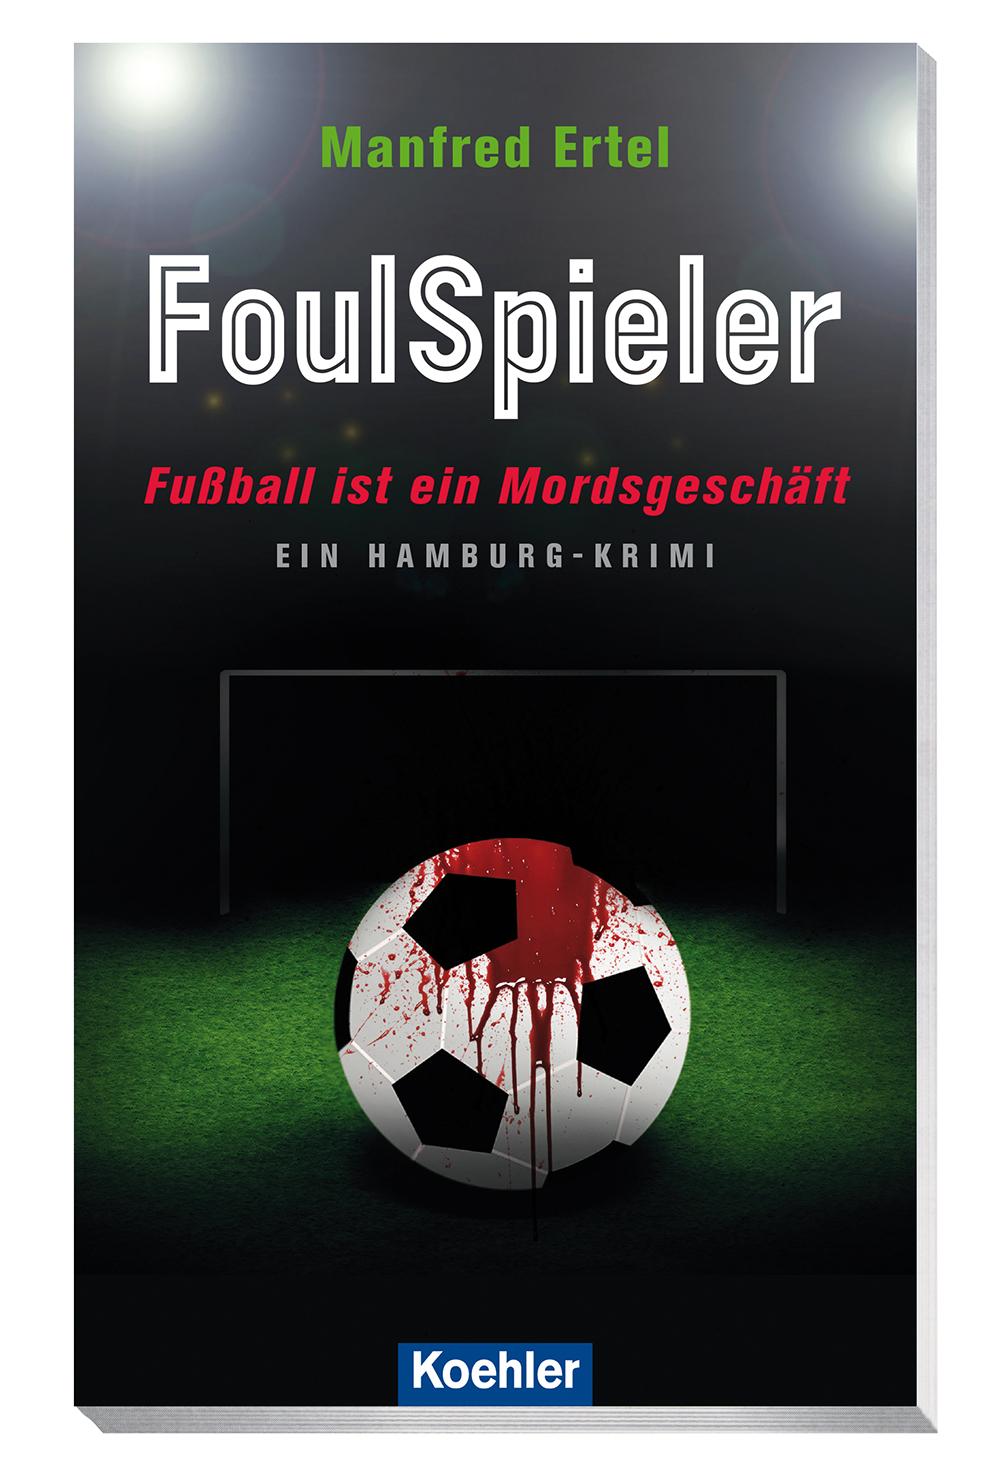 9783782213219 Cover Manfred Ertel - Foulspieler